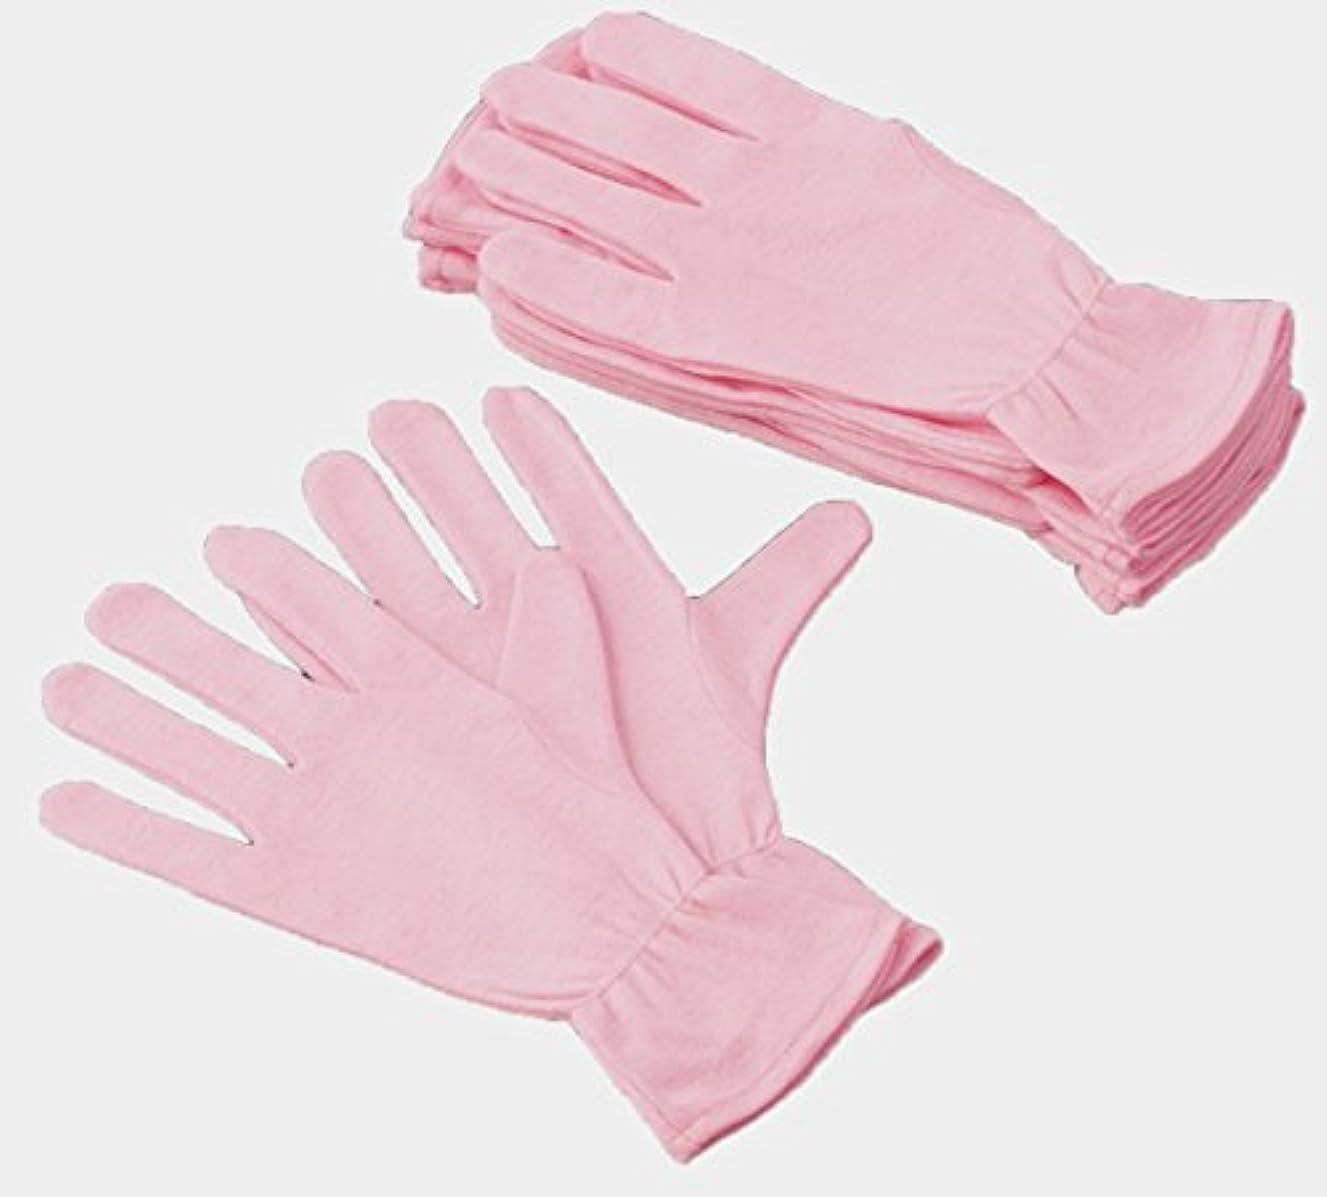 ジョージバーナード透明にユーザー綿ソフト手袋12枚入